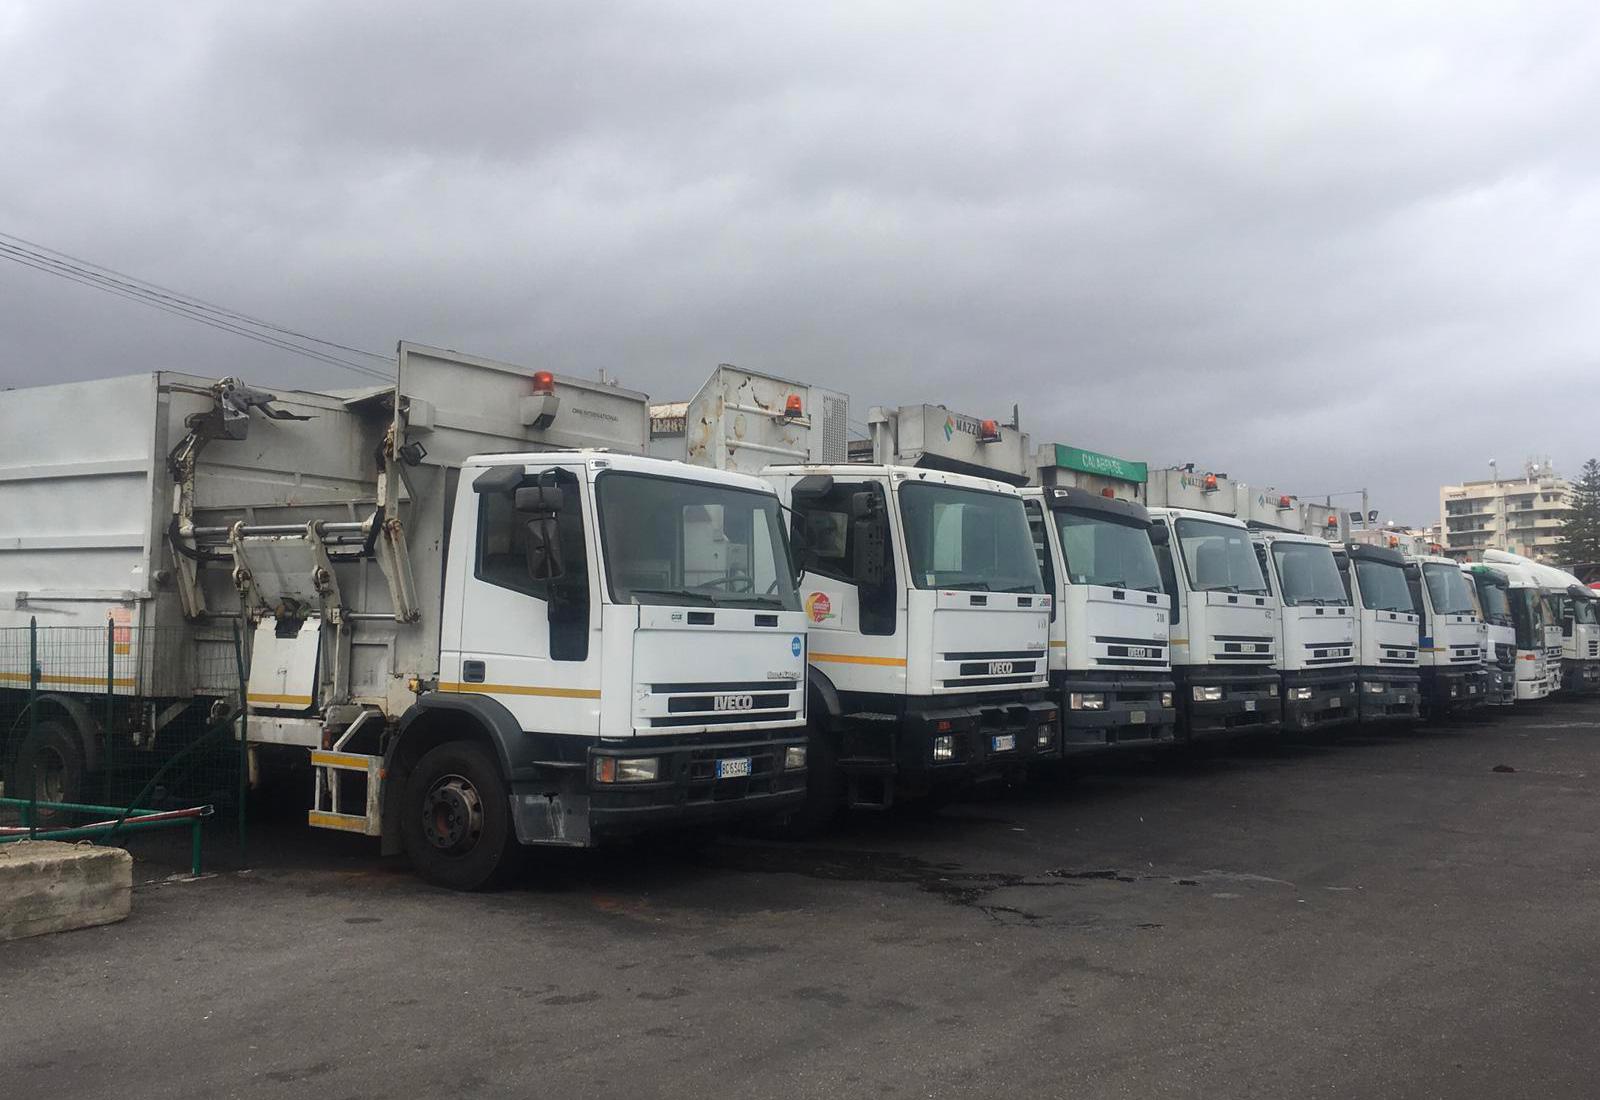 camion messinaservizi bene comune - azienda per la raccolta rifiuti di messina